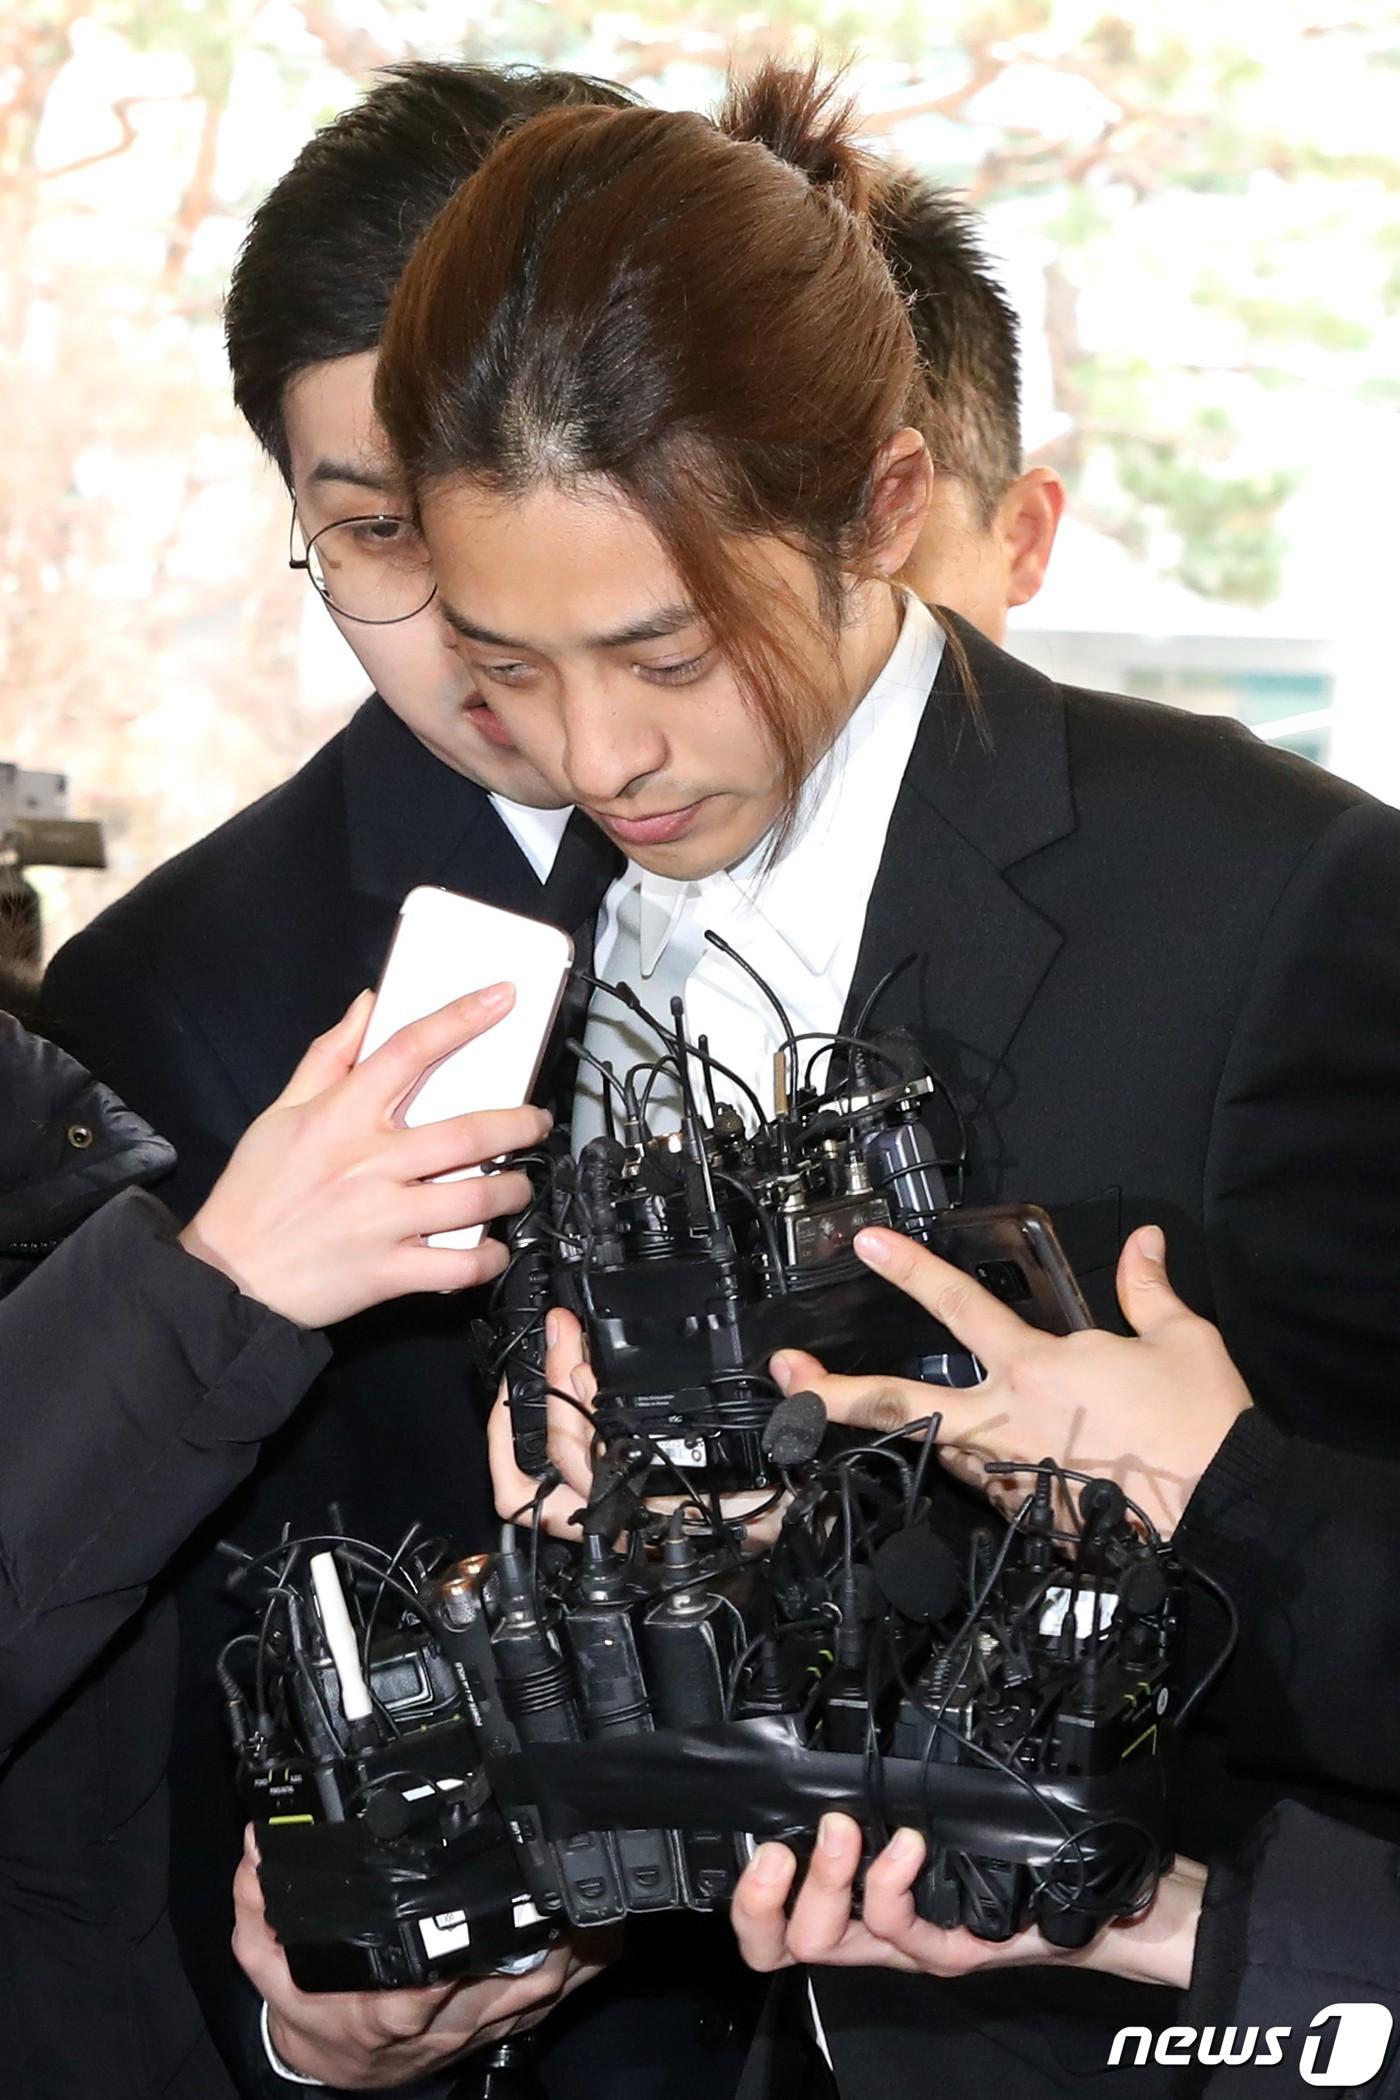 Loạt điểm giống nhau khó tin giữa Seungri và Jung Joon Young: Ngoại hình, sở thích xem phim 18+ đến vẻ mặt nhìn sao nữ - Ảnh 21.